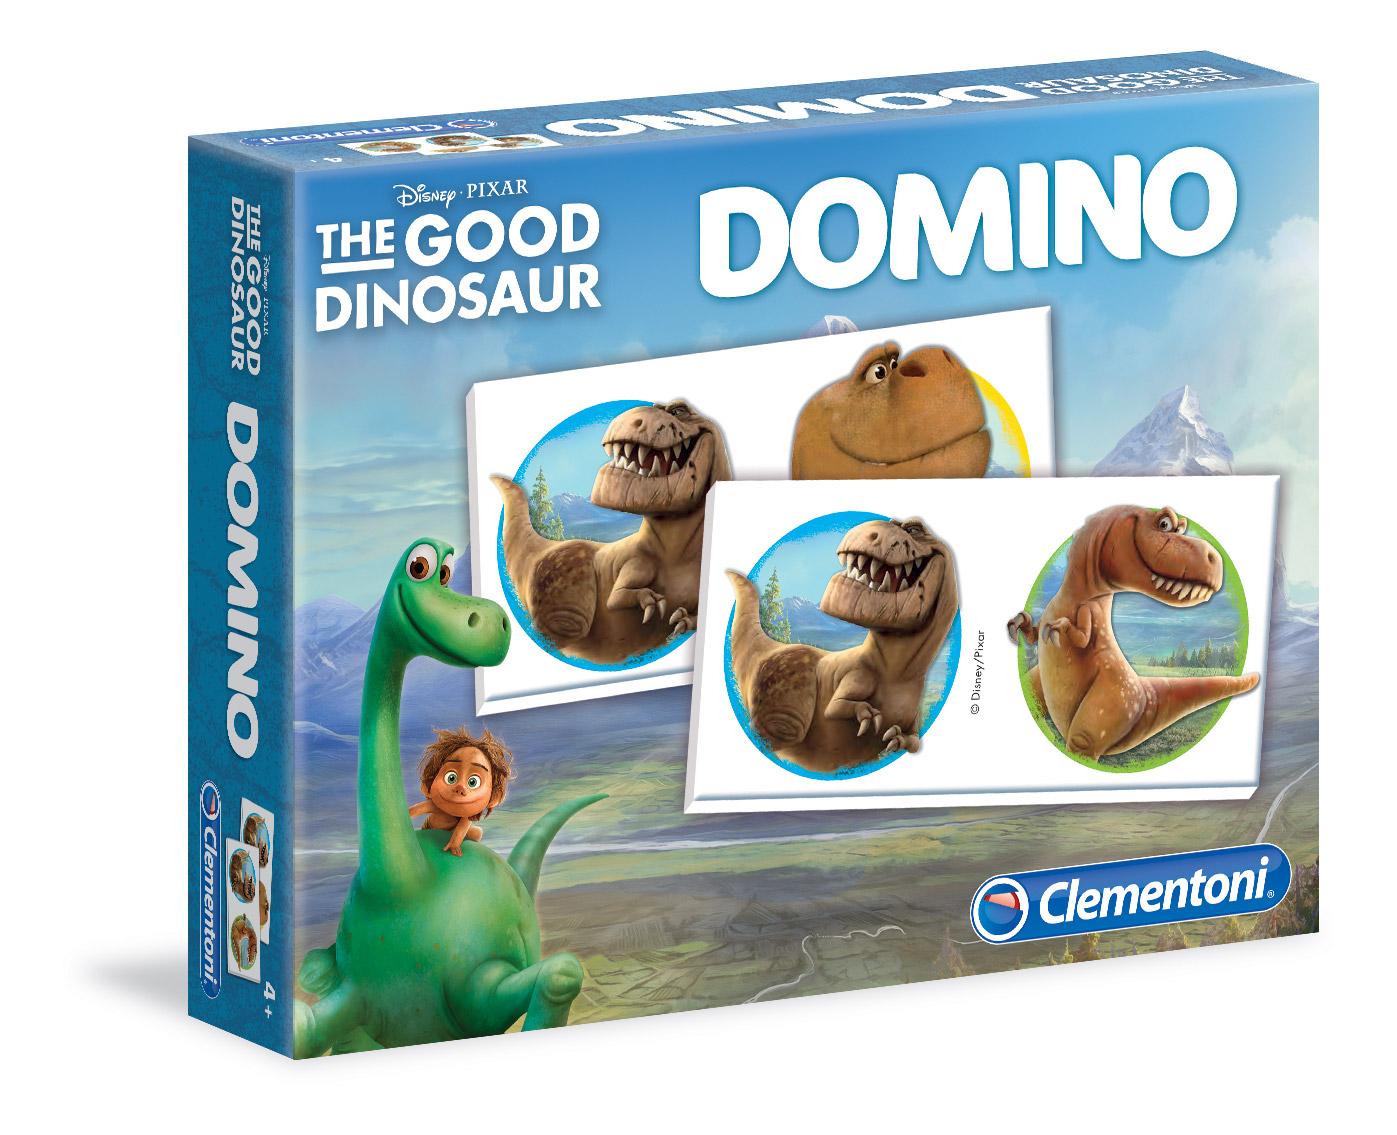 Домино Clementoni/Добрый динозавр арт.: 13485 (28 карточек)